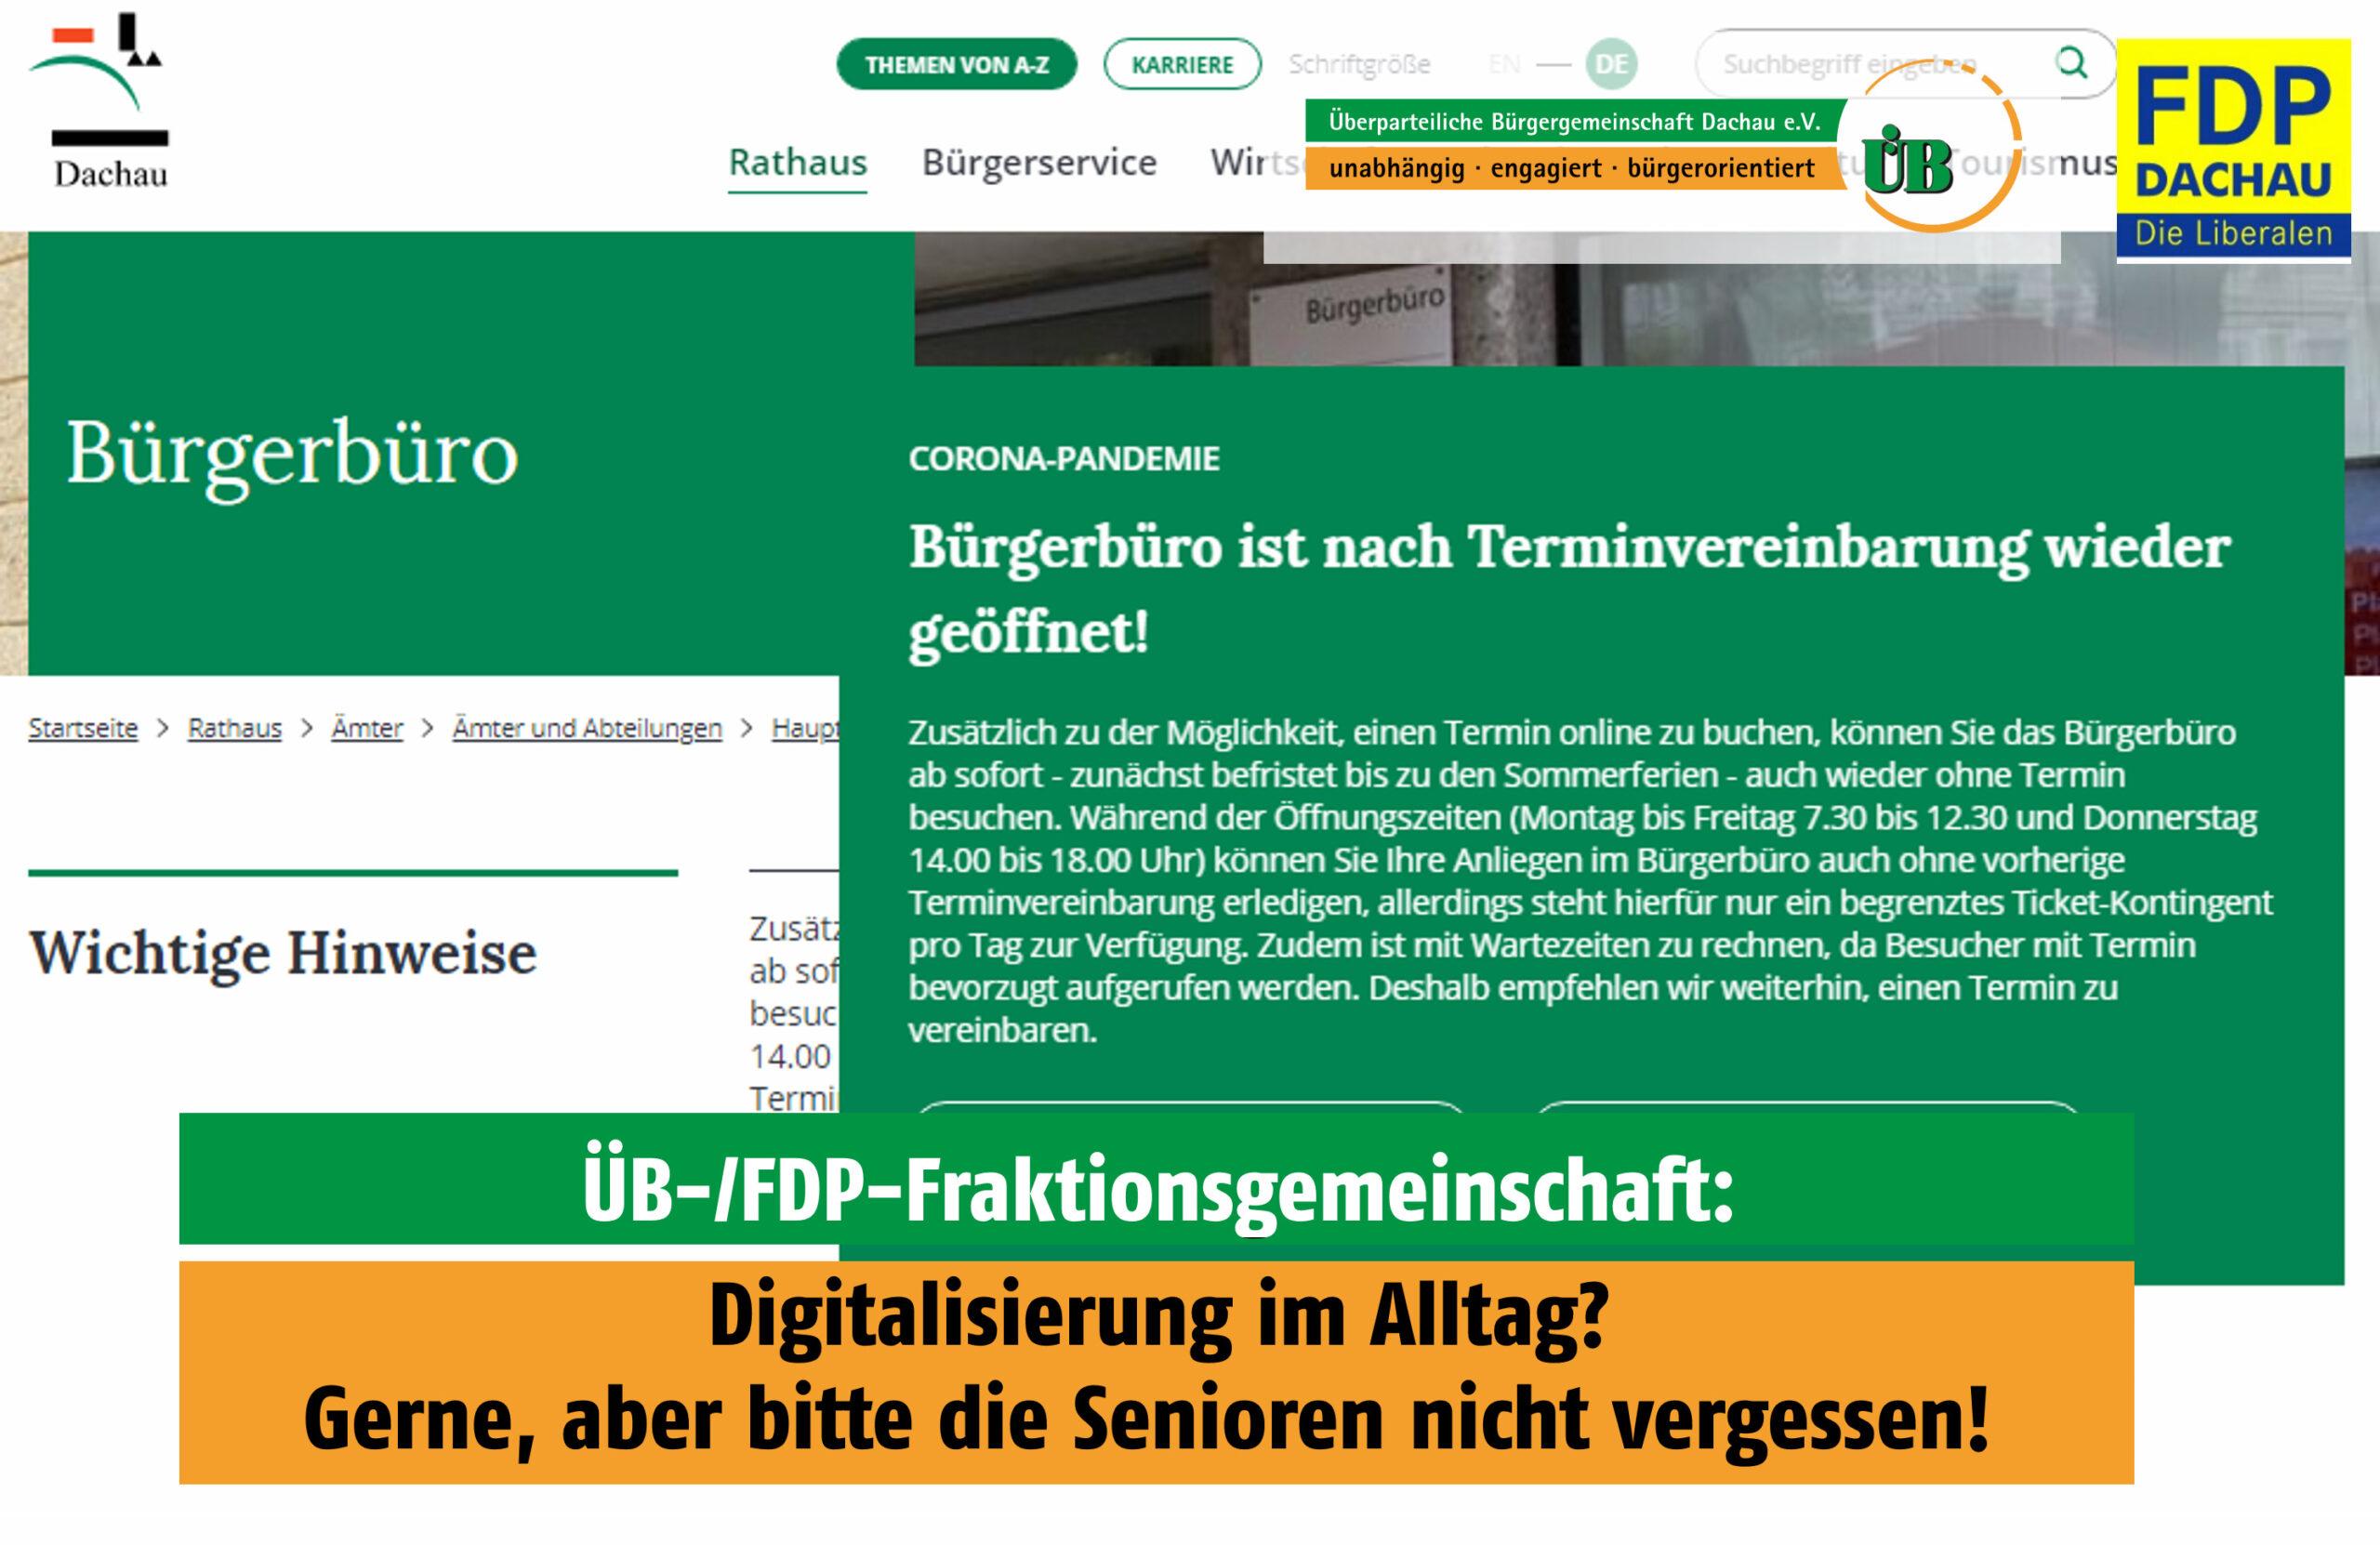 Digitalisierung im Bürgerbüro Dachau - FDP will Senioren nicht vergessen